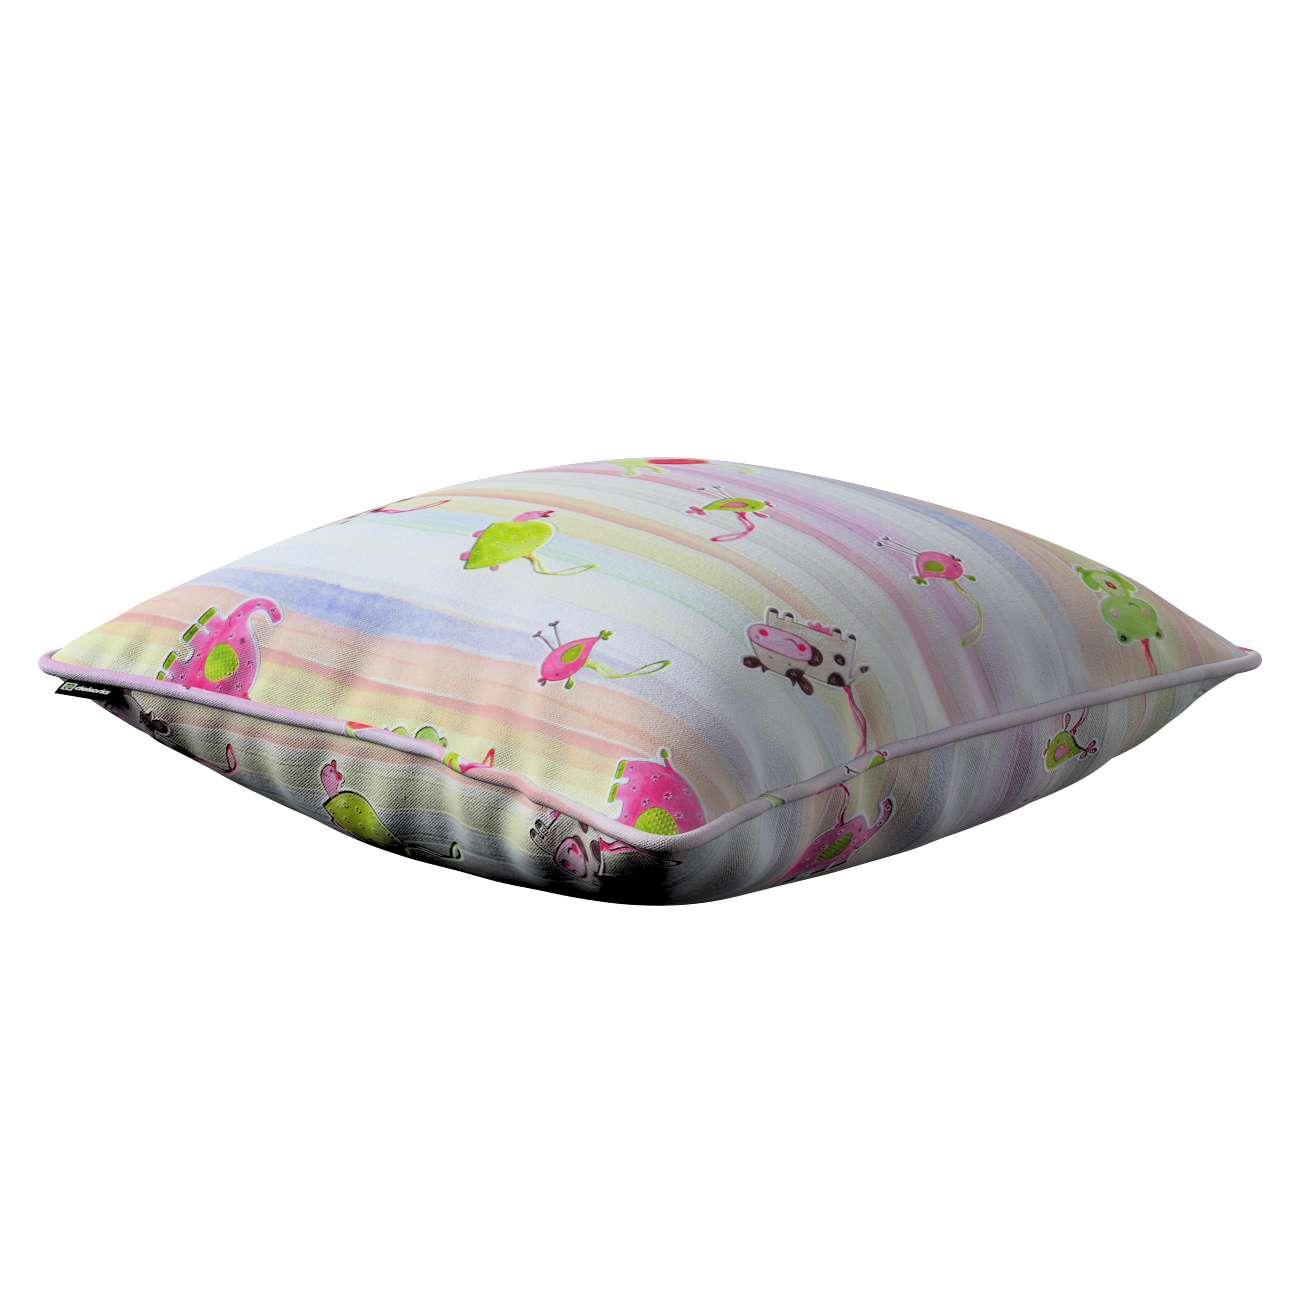 Poszewka Gabi na poduszkę 45 x 45 cm w kolekcji Apanona, tkanina: 151-05